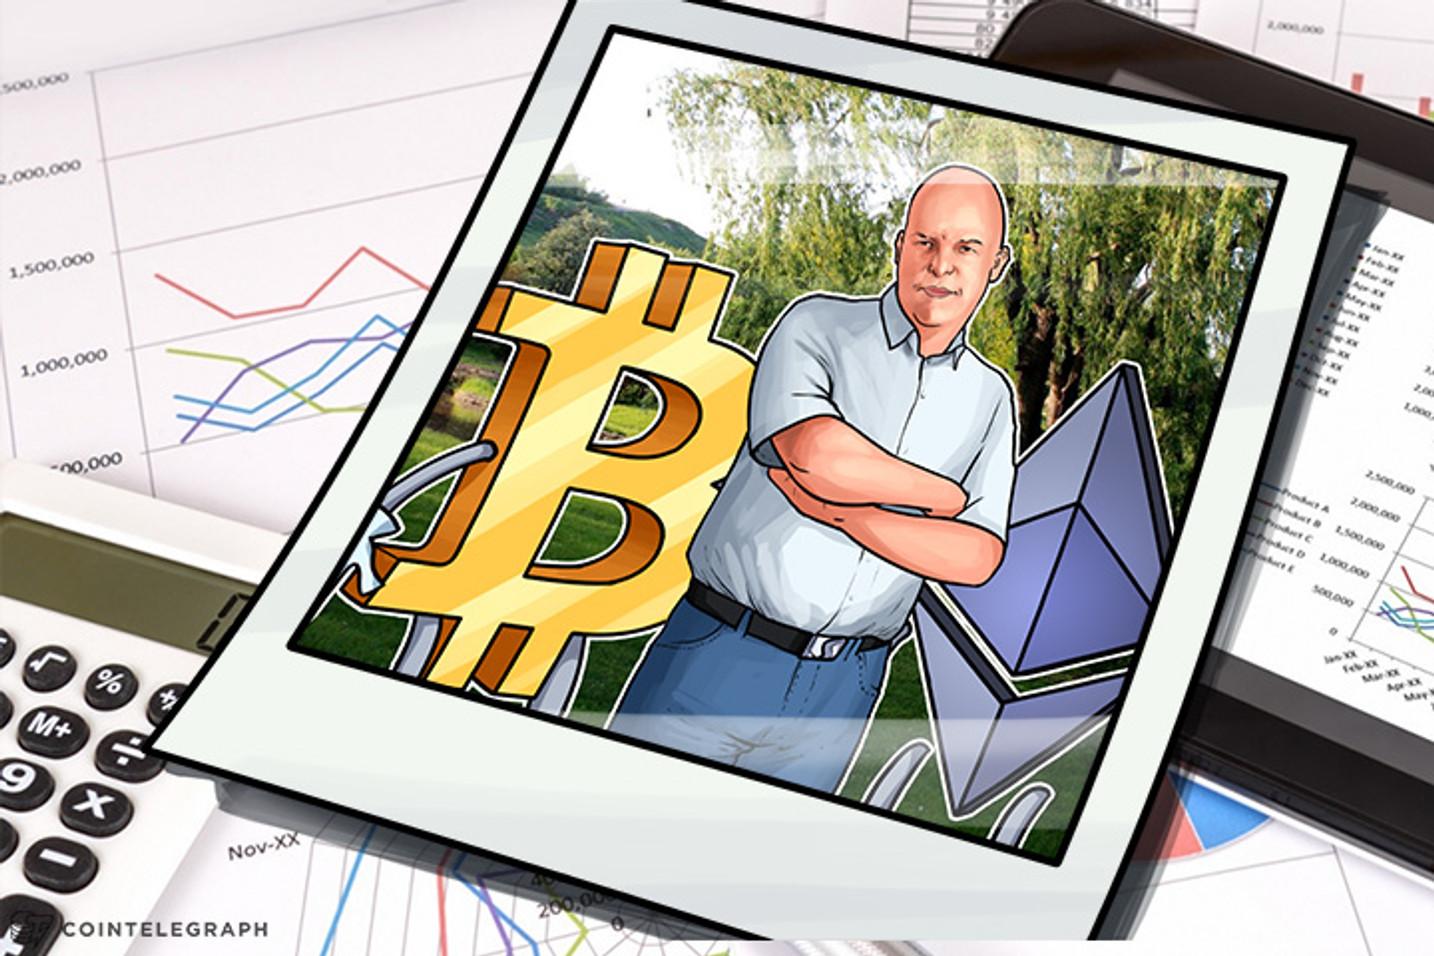 Se Empieza a Doblar el Precio del Ethereum Ahora, Dicen Quienes Predijeron el Bitcoin a $5.000 para el 2018